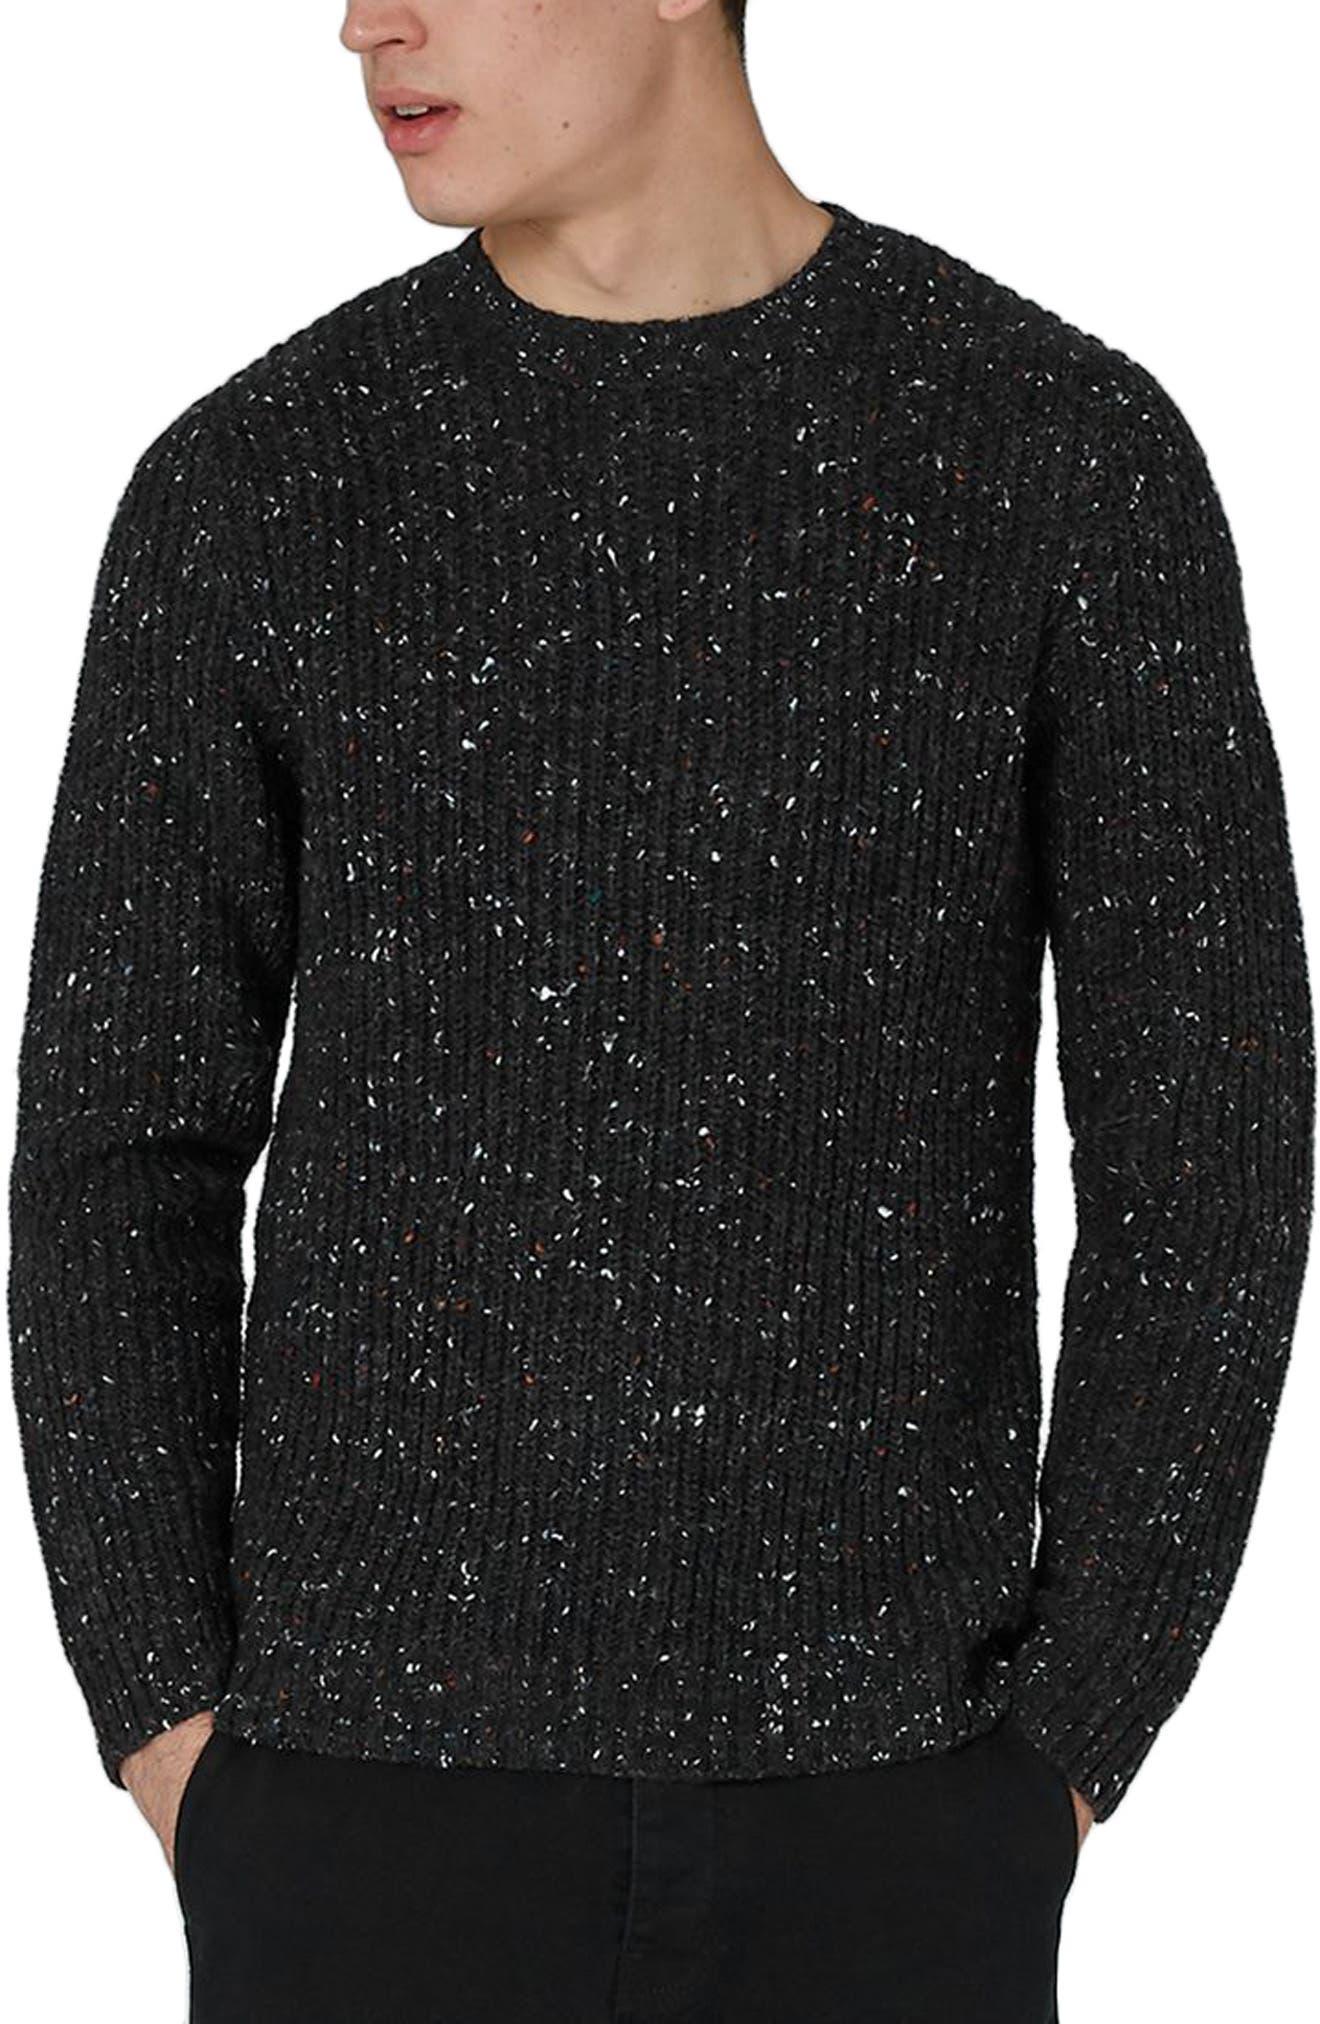 Premium Fisherman Sweater,                         Main,                         color, 021